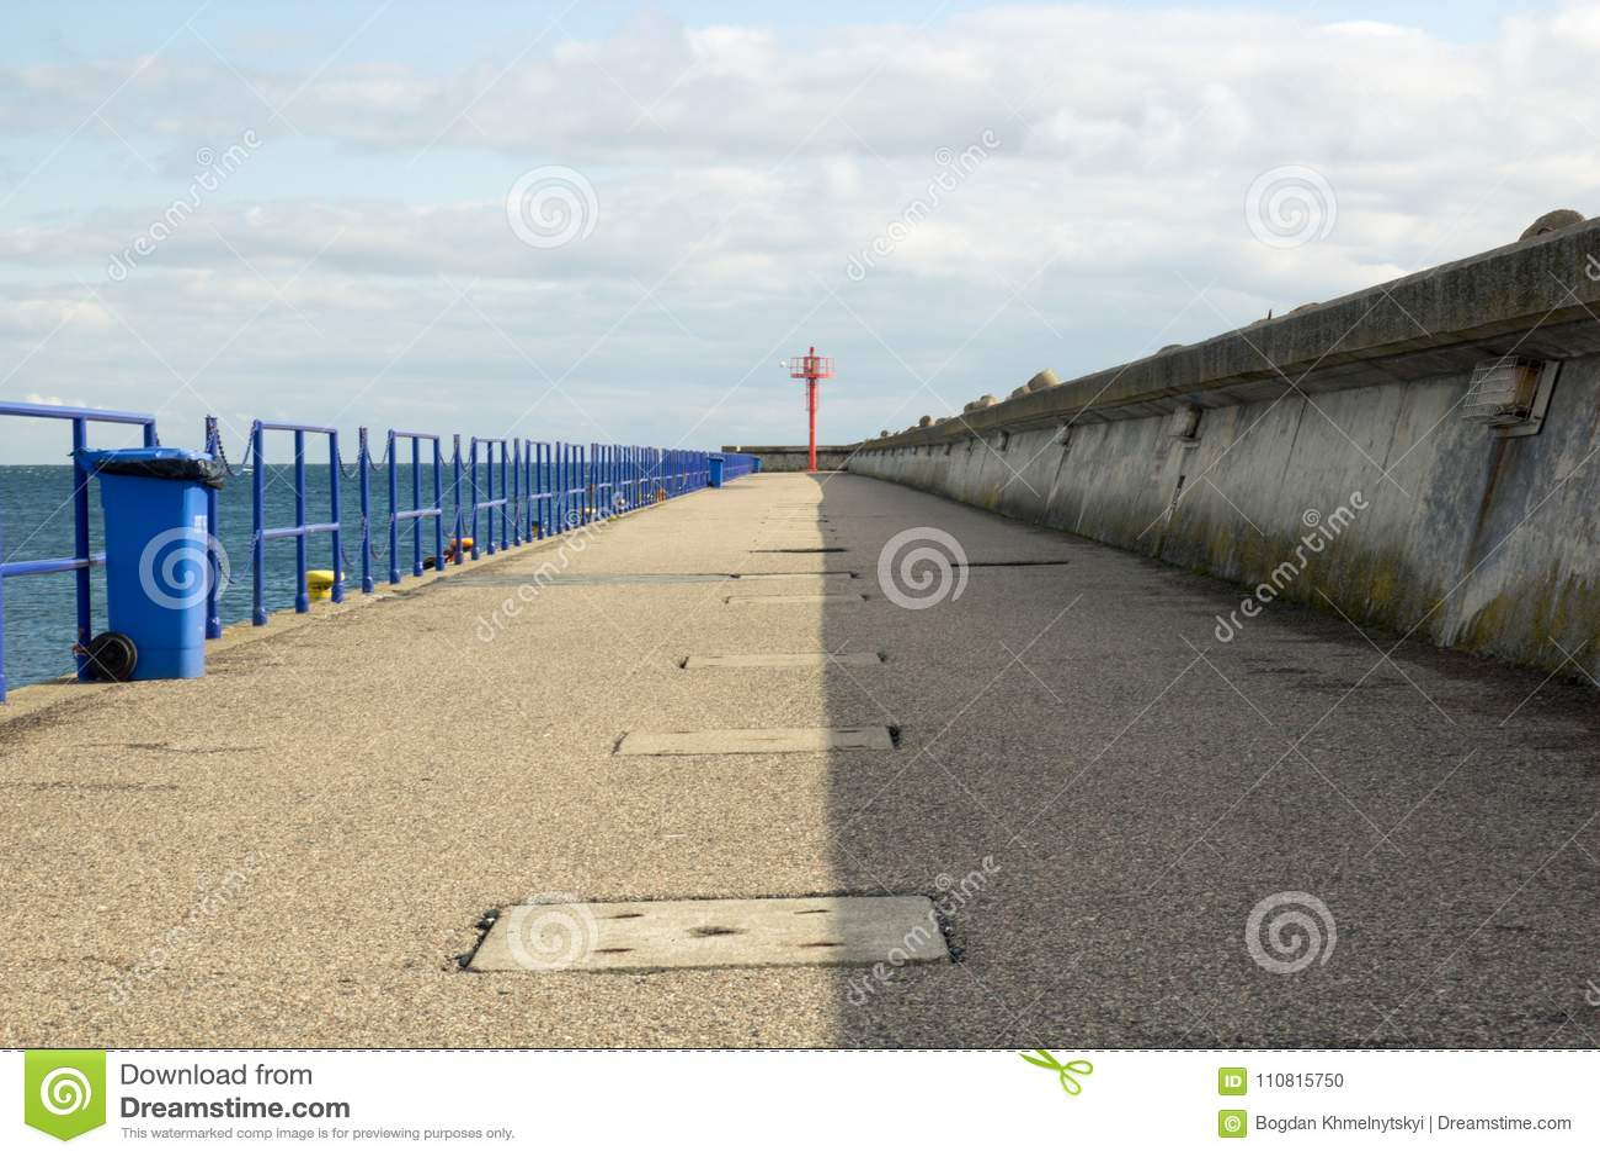 Συγκεκριμένη αποβάθρα στη θάλασσα με το φάρο στο τέλος